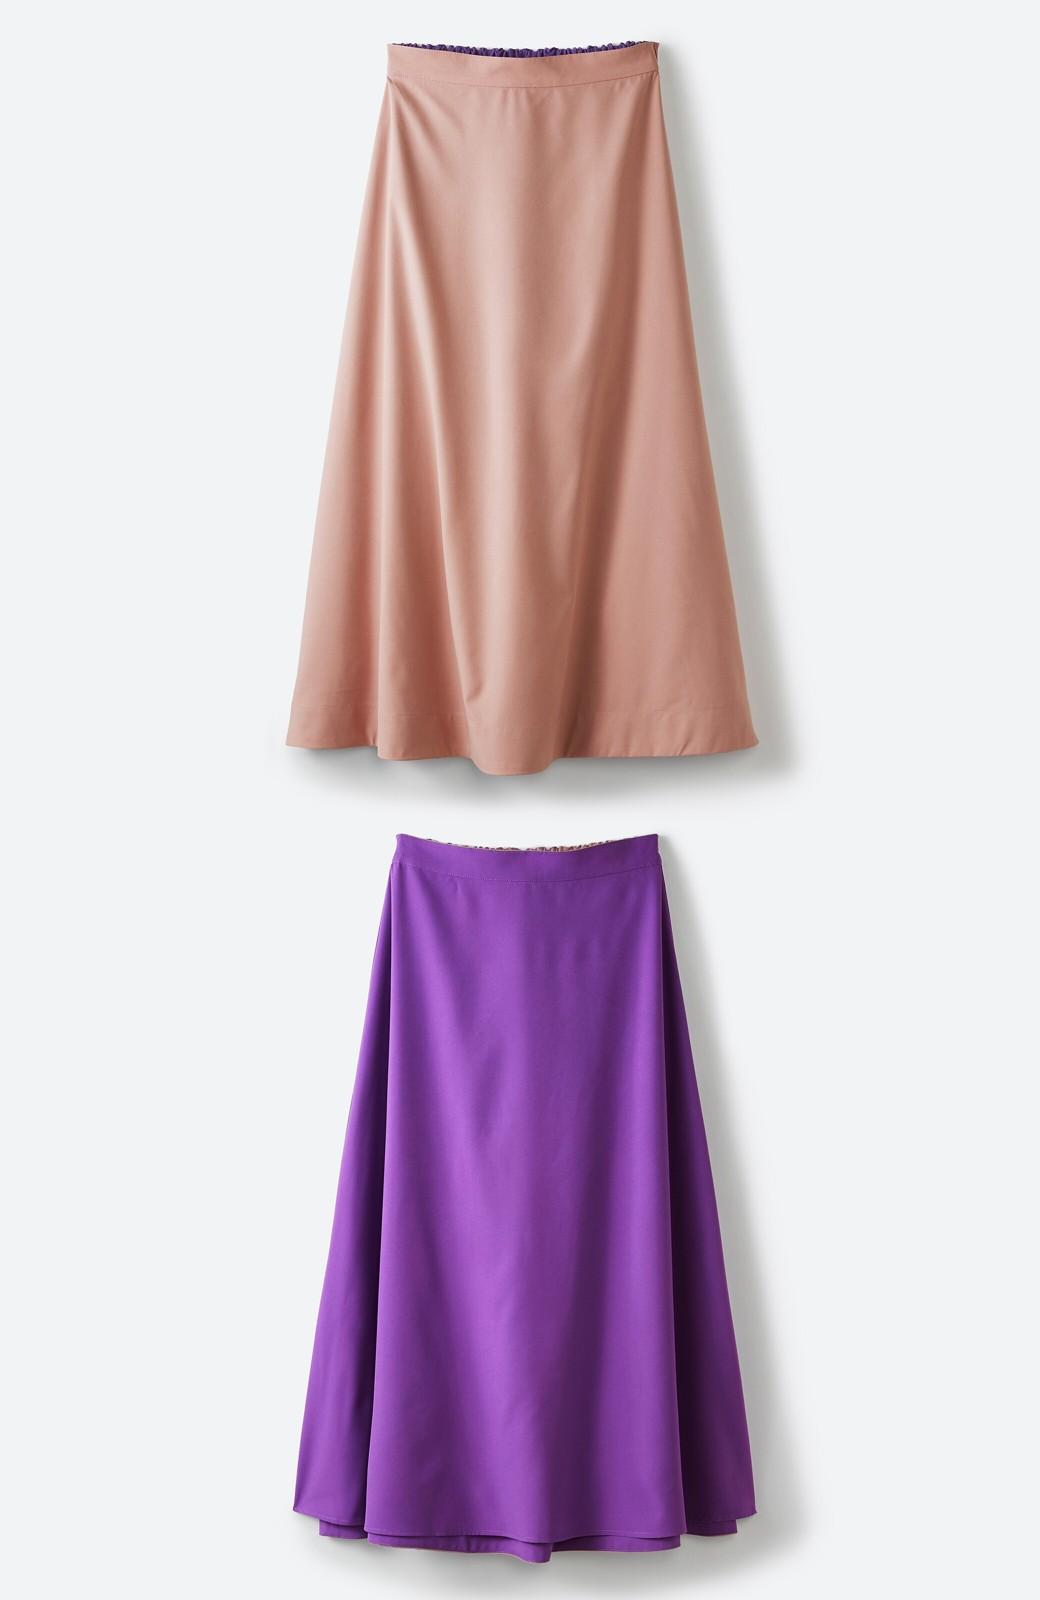 haco! オフィスにもデートにも! 便利なのはきれいに見えて楽ちんなリバーシブルスカート <ピンク系その他>の商品写真24